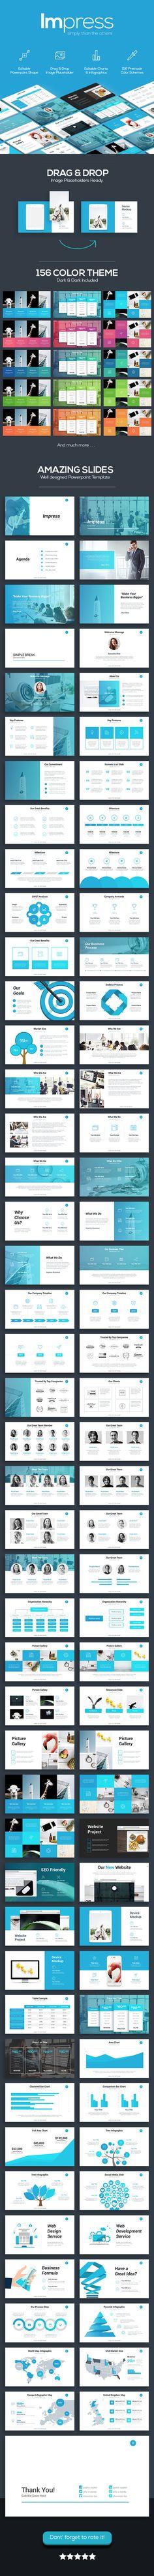 Impress - Simply Design